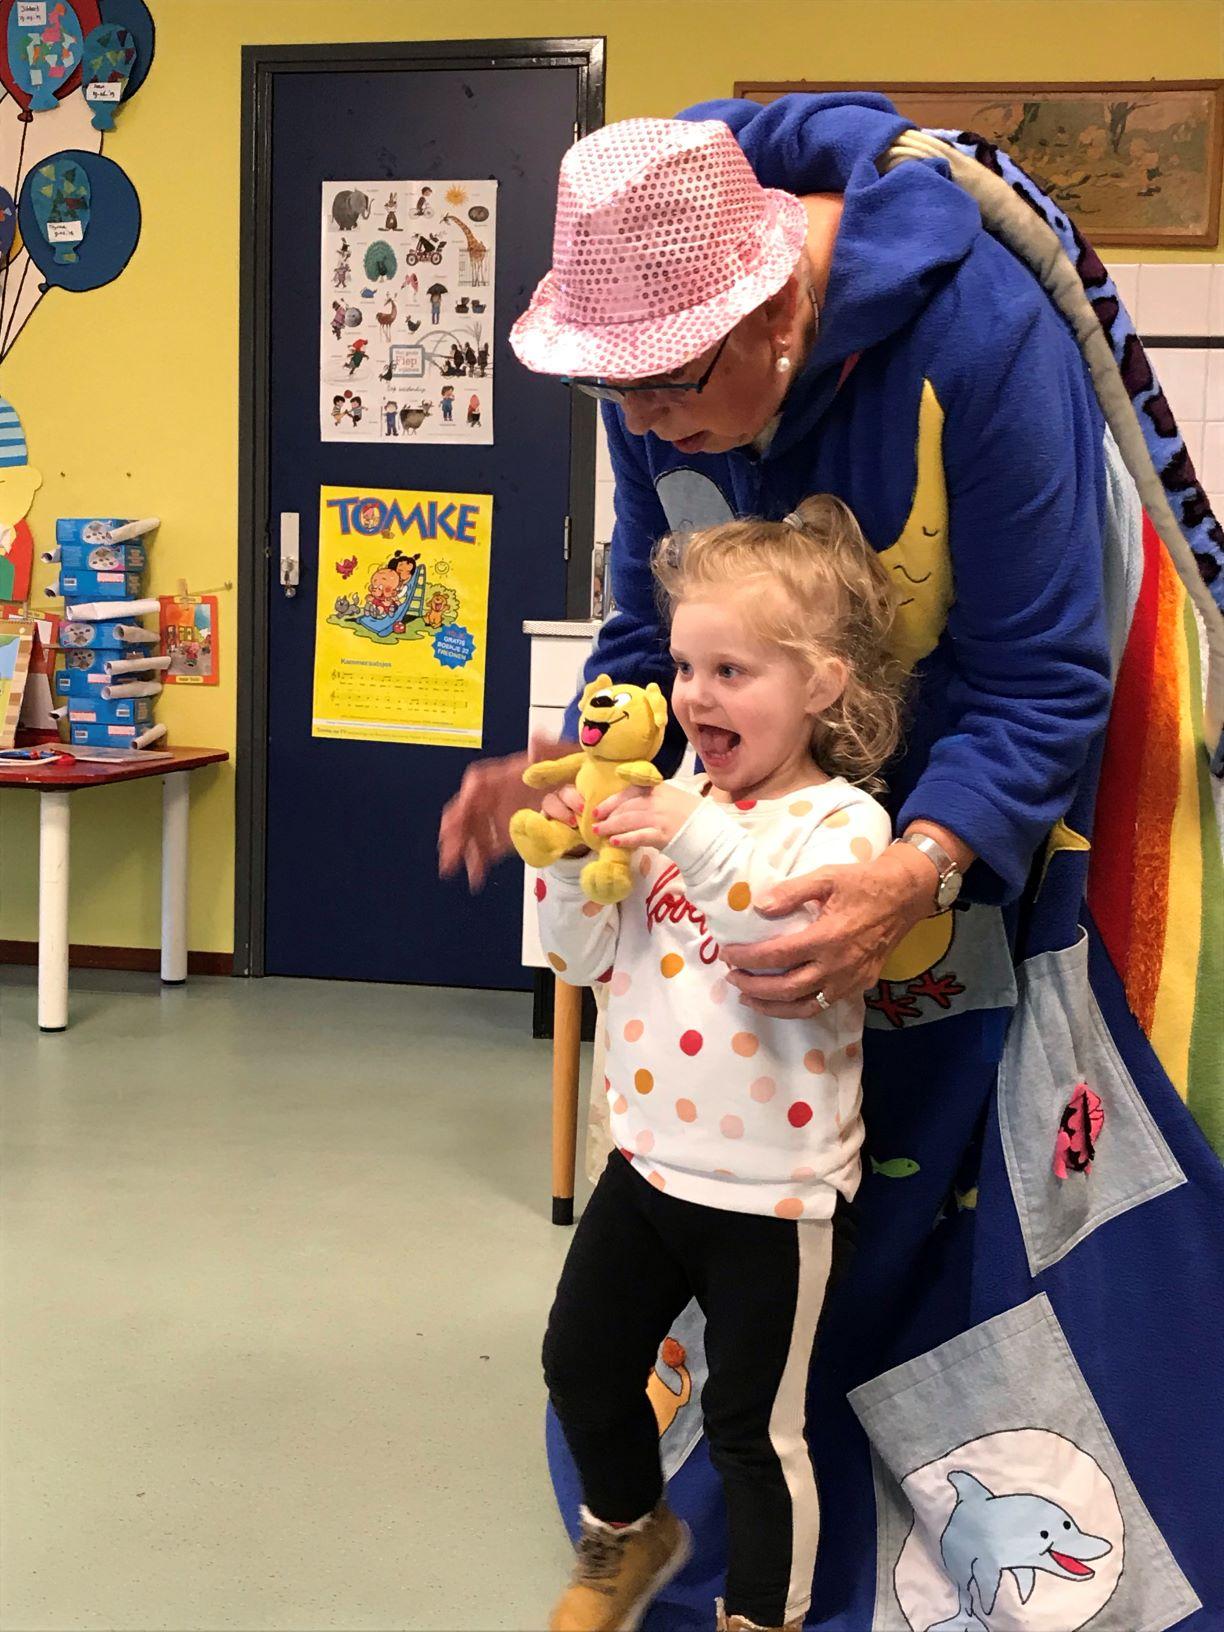 Riemkje Pitstra vertelt een Tomkeverhaal met de verteljas aan, peuteropvang Raerd Kids First COP groep Friesland